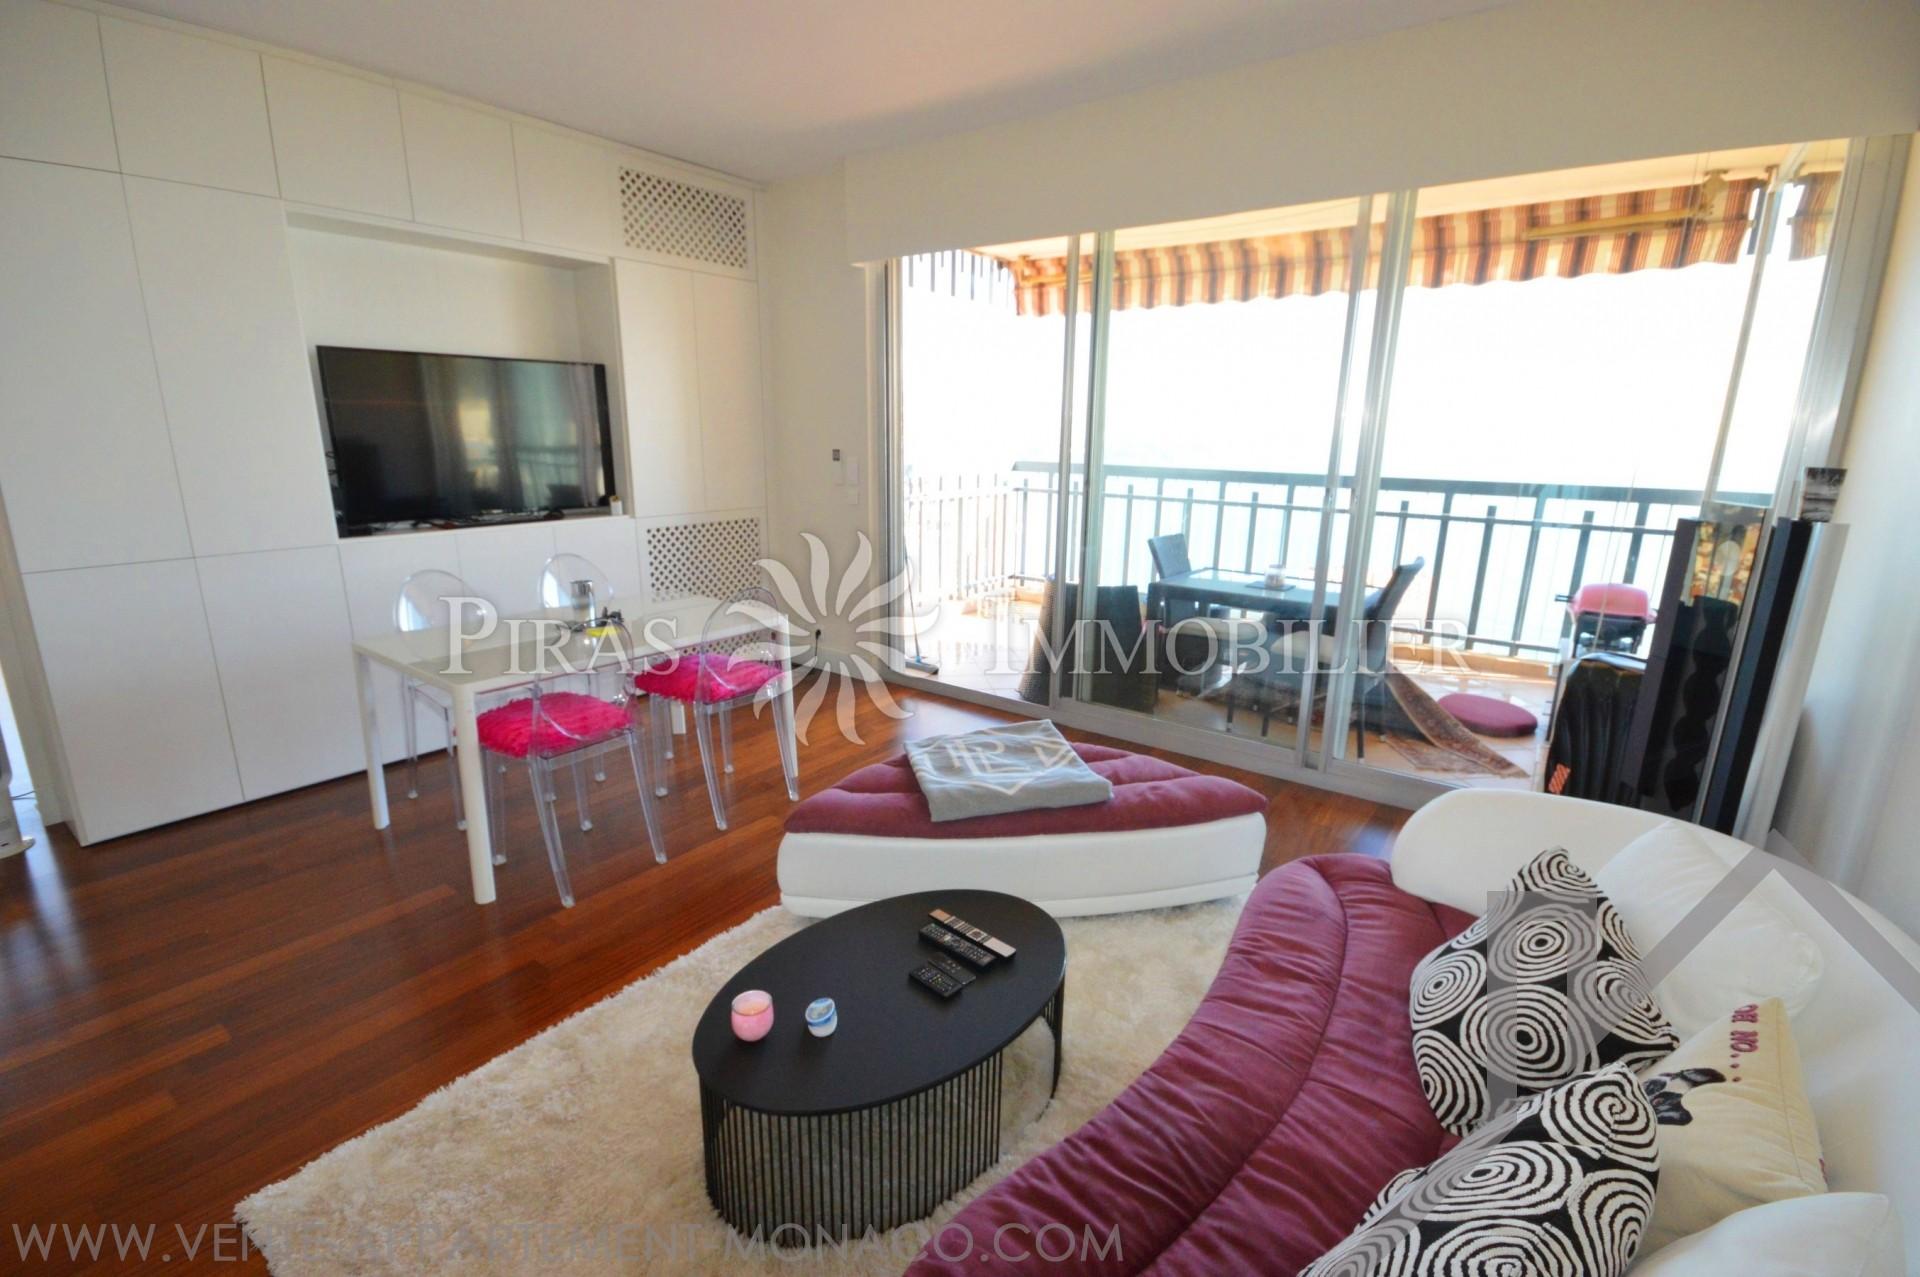 Appartement de reve magnifique vue propri t s vendre for Appartement de reve